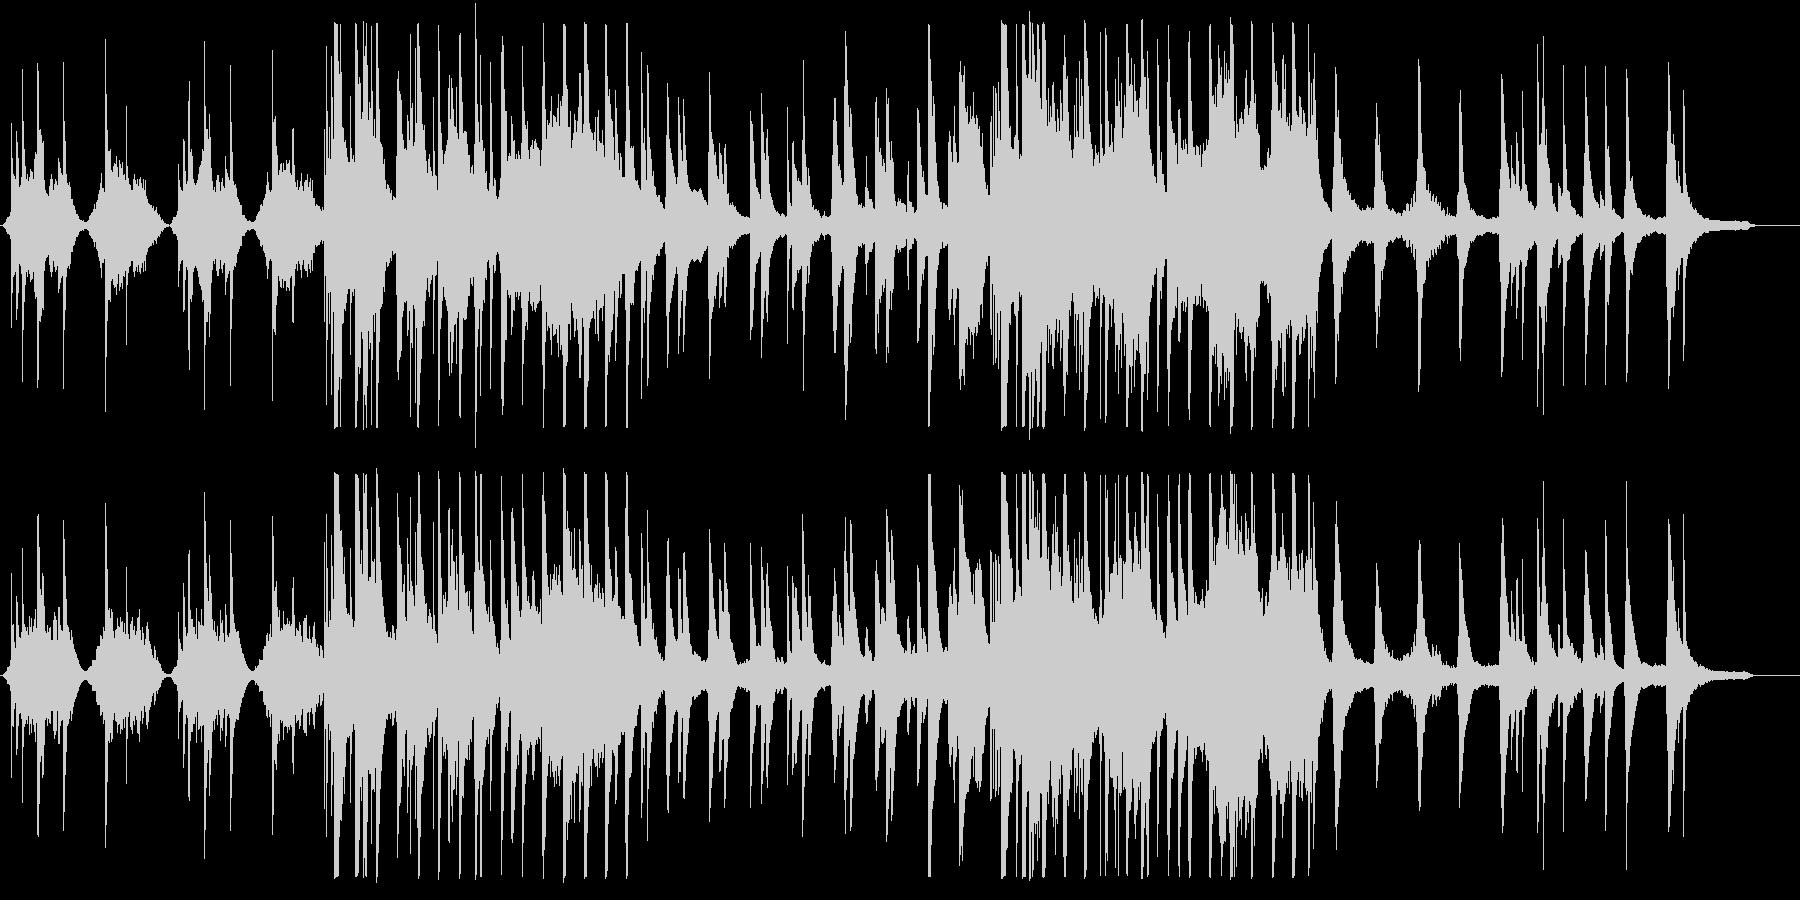 和風 バラード・美しい琴の未再生の波形